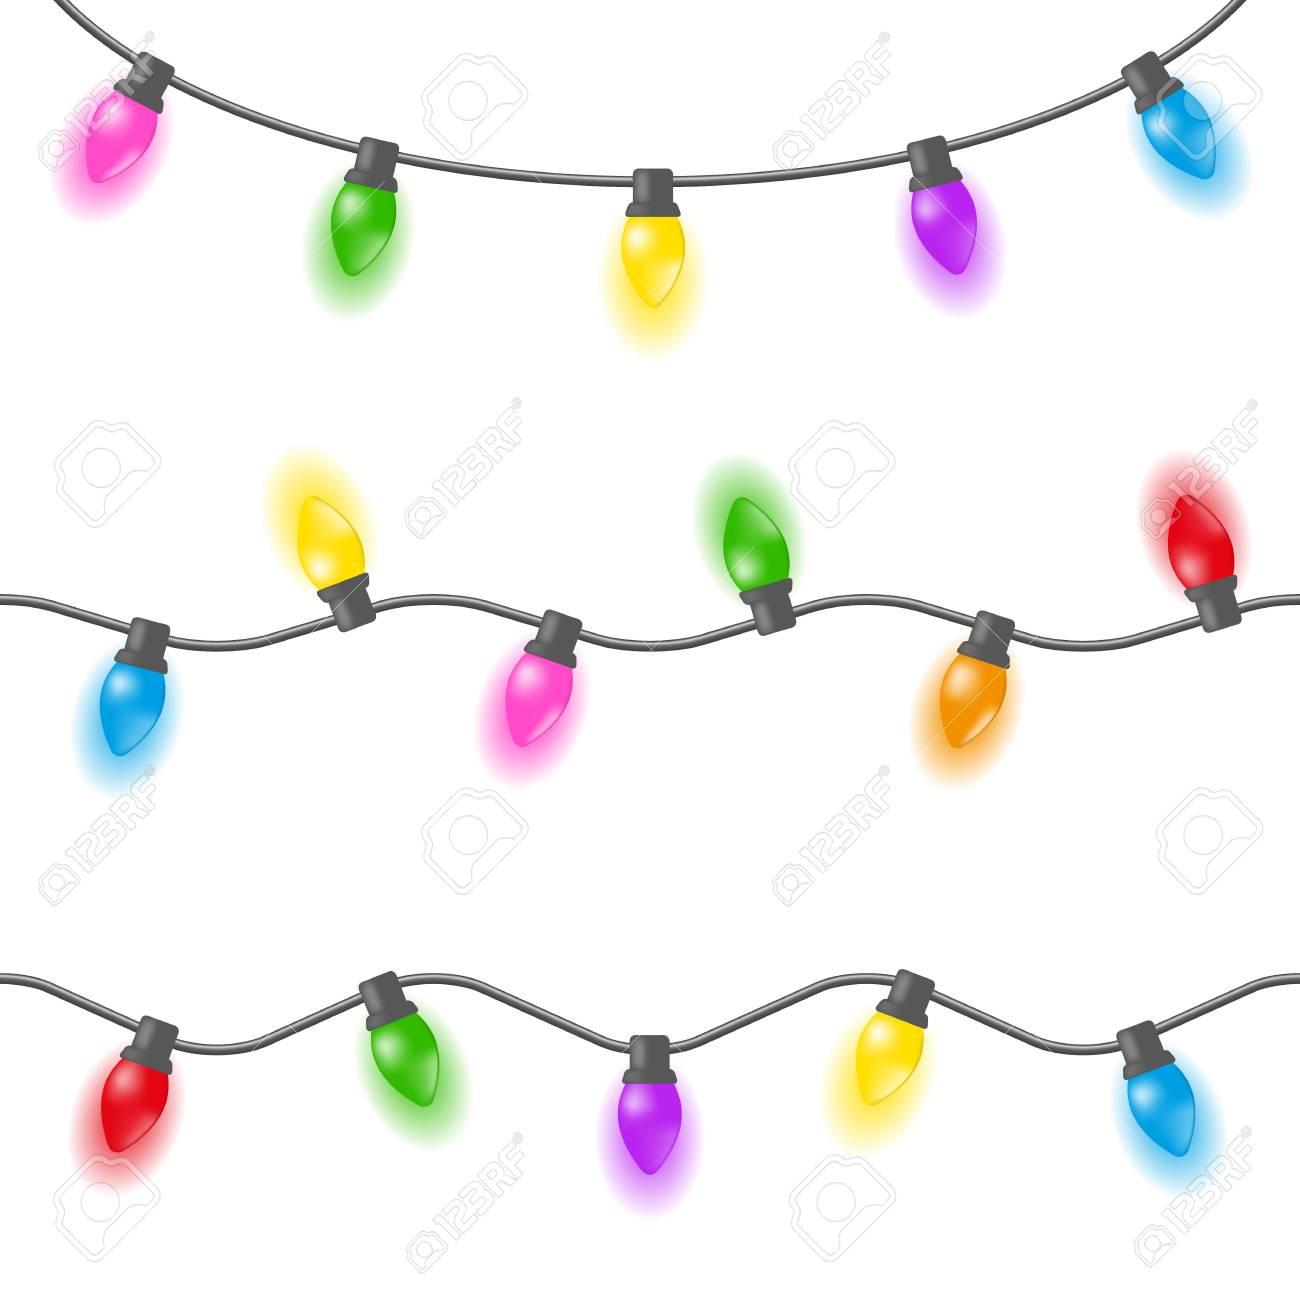 Set Of Christmas Lights, Garland Of Multi-colored Light Bulbs ...